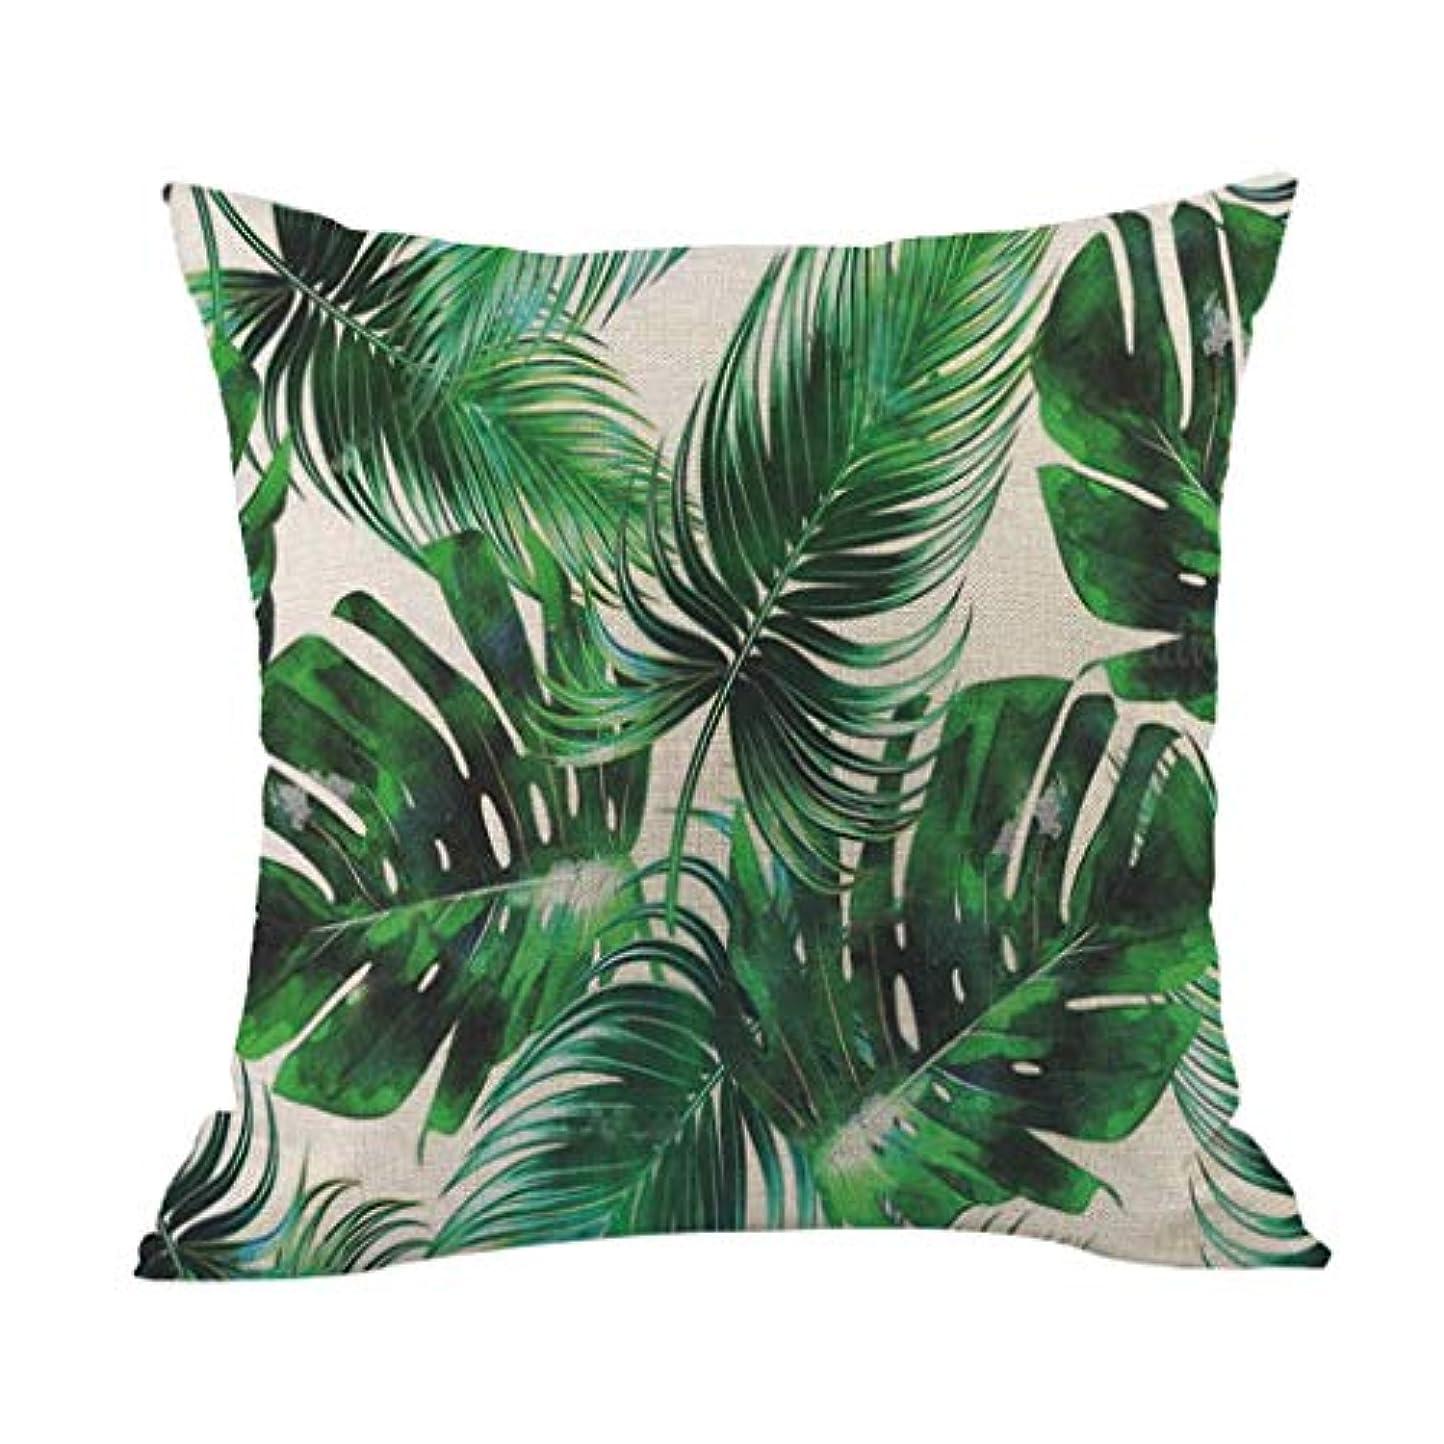 比類なきつなぐワットLIFE 高品質クッション熱帯植物ポリエステル枕ソファ投げるパッドセットホーム人格クッション coussin decoratif クッション 椅子